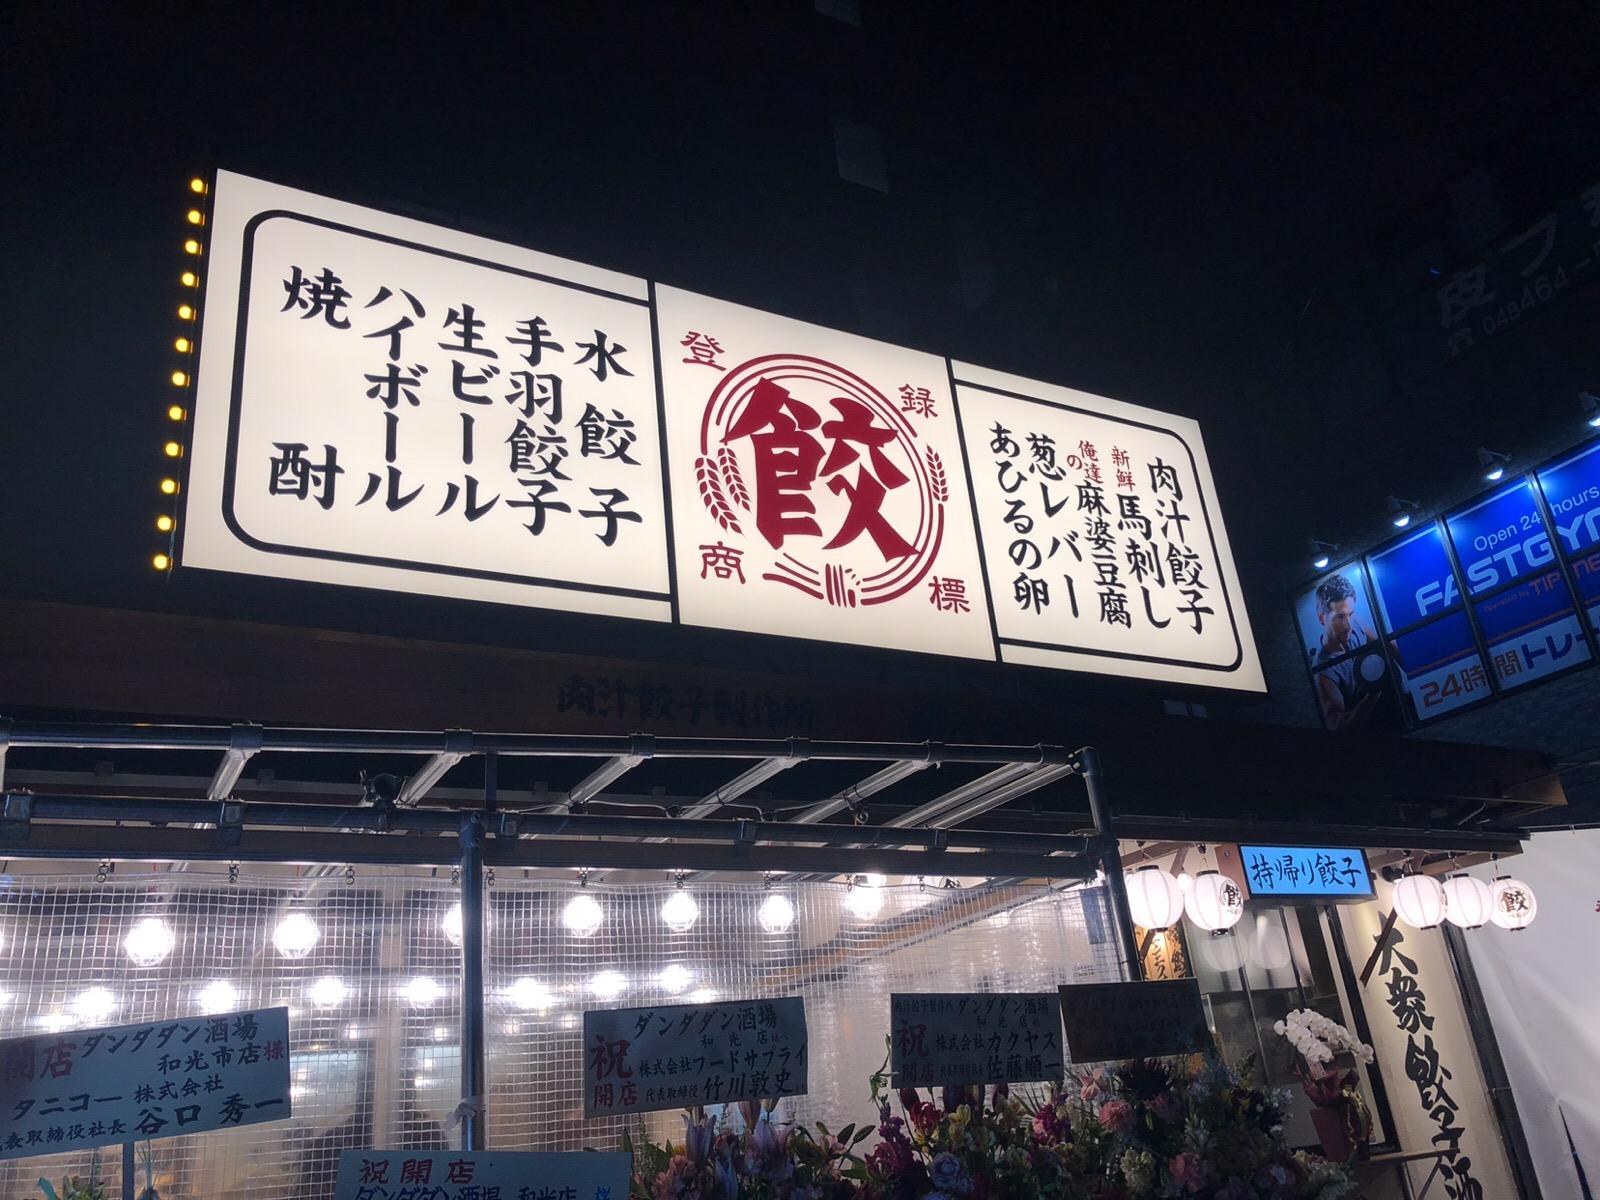 ダンダダン酒場 肉汁餃子製作所 2019年2月18日 和光市駅南口にオープン